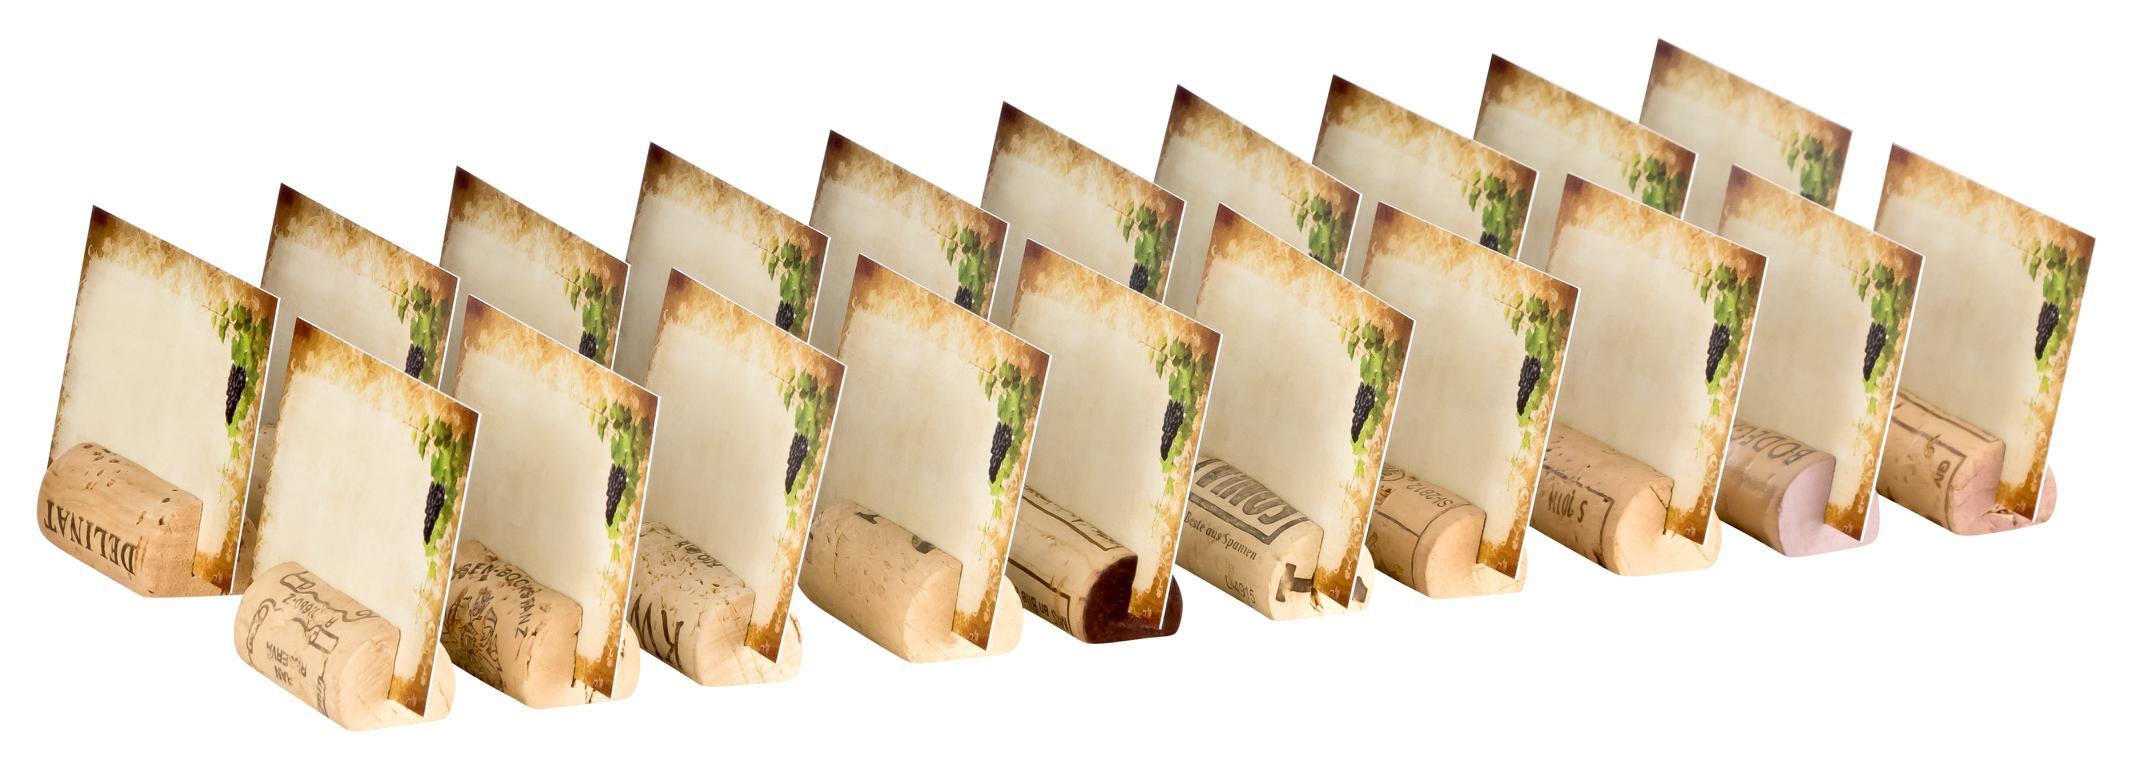 Tischkarten aus Korken für Platzverteilung bei Feierlichkeiten